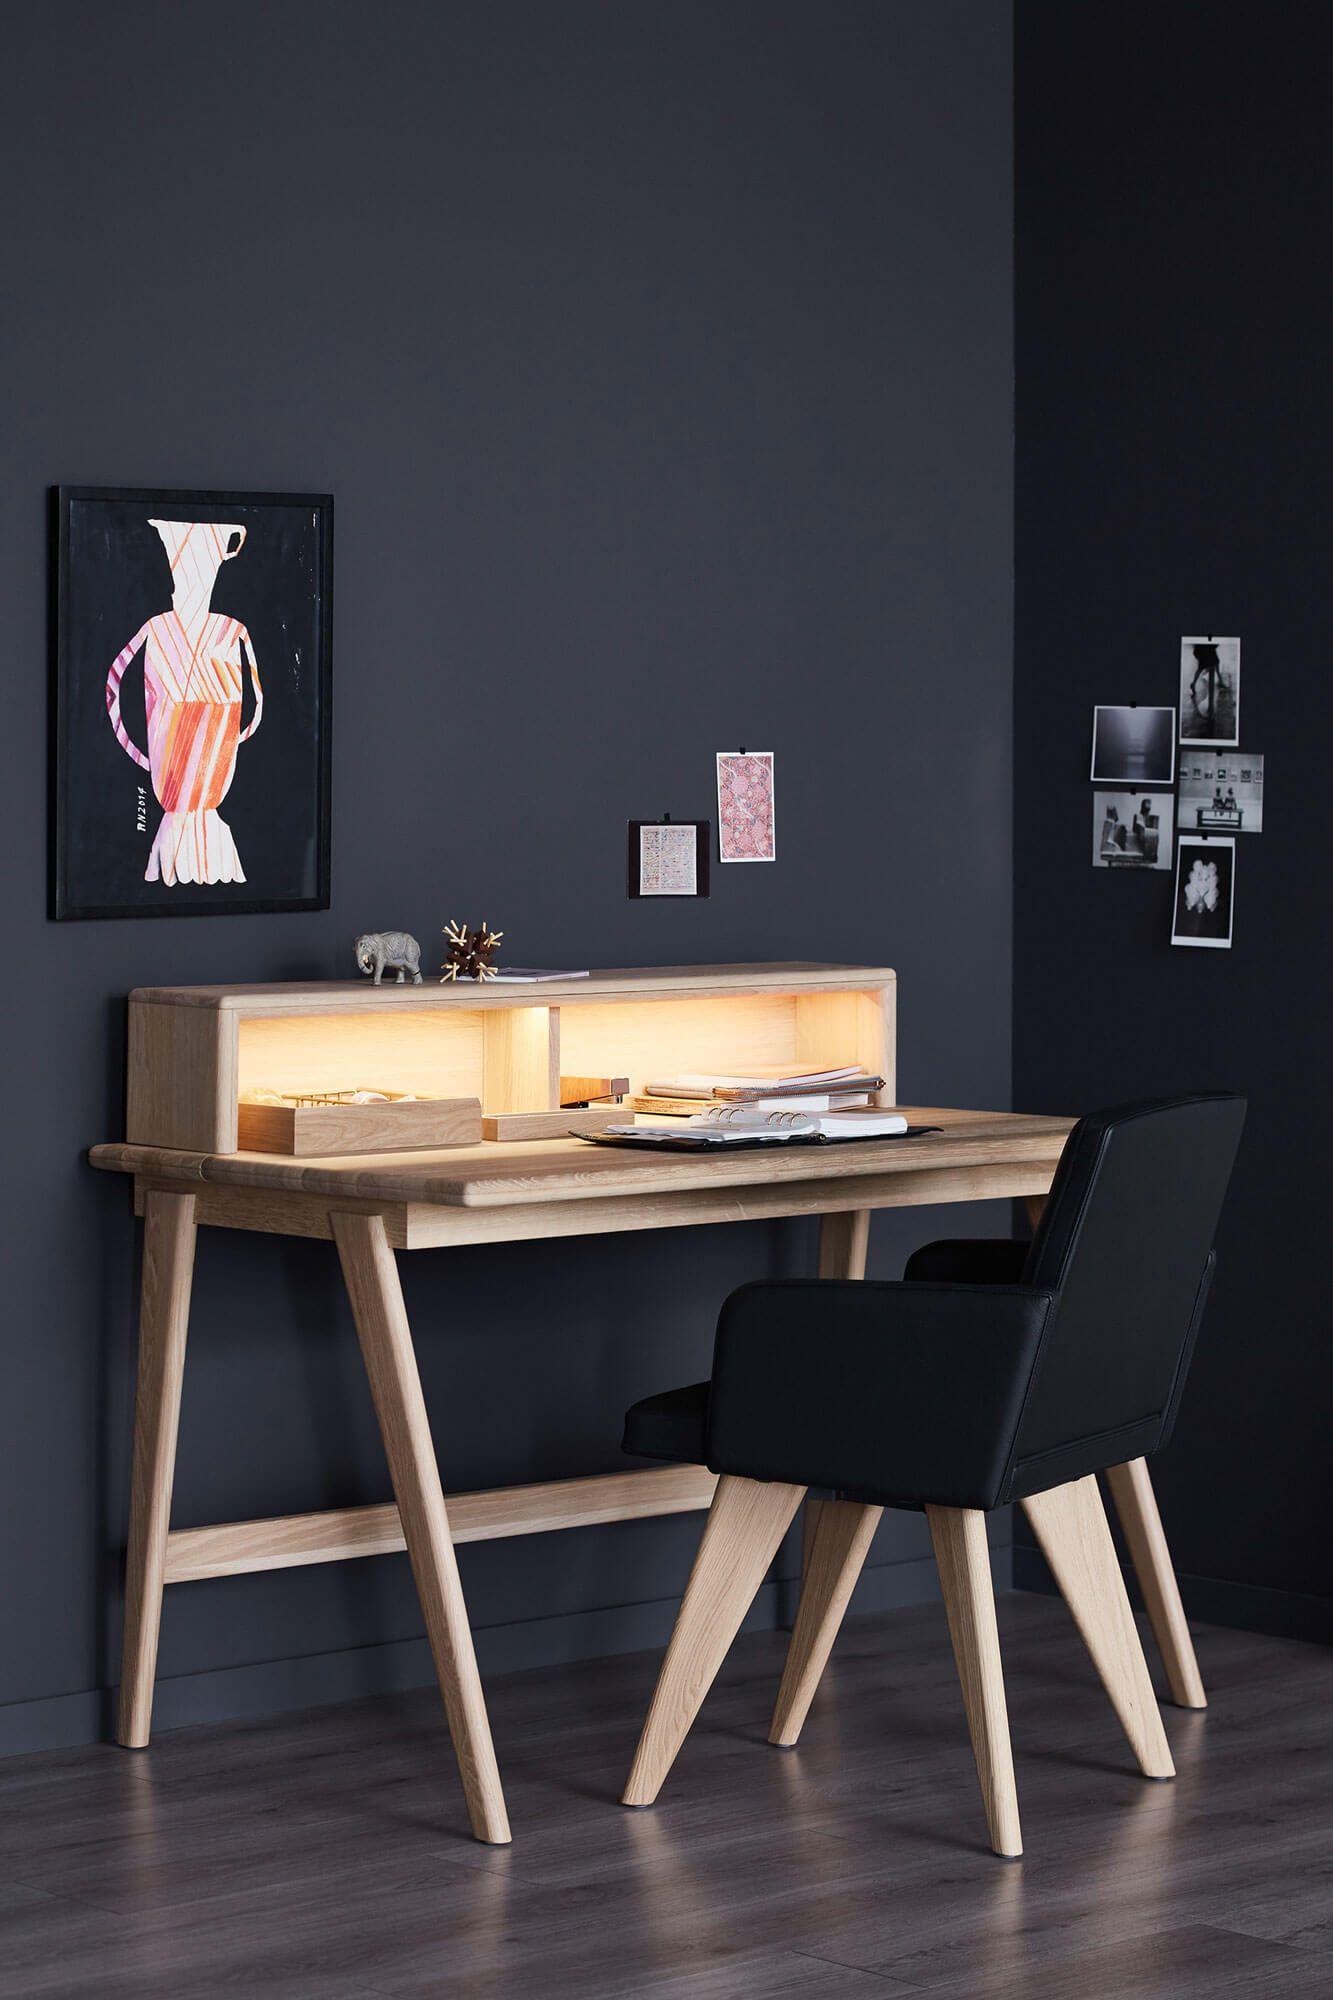 Schöner Wohnen Kollektion Im Möbelmarkt Dogern Schöner Wohnen